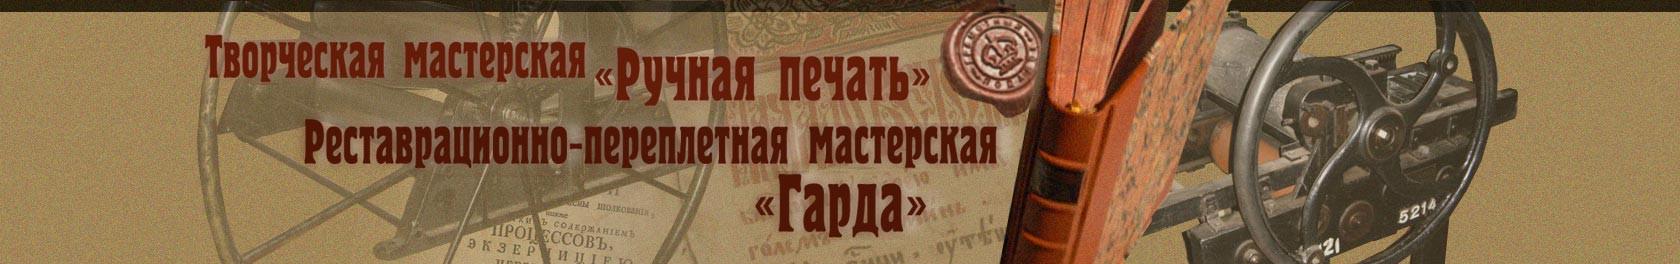 Творческая мастерская «Ручная печать» Реставрационно-переплетная мастерская «Гарда»